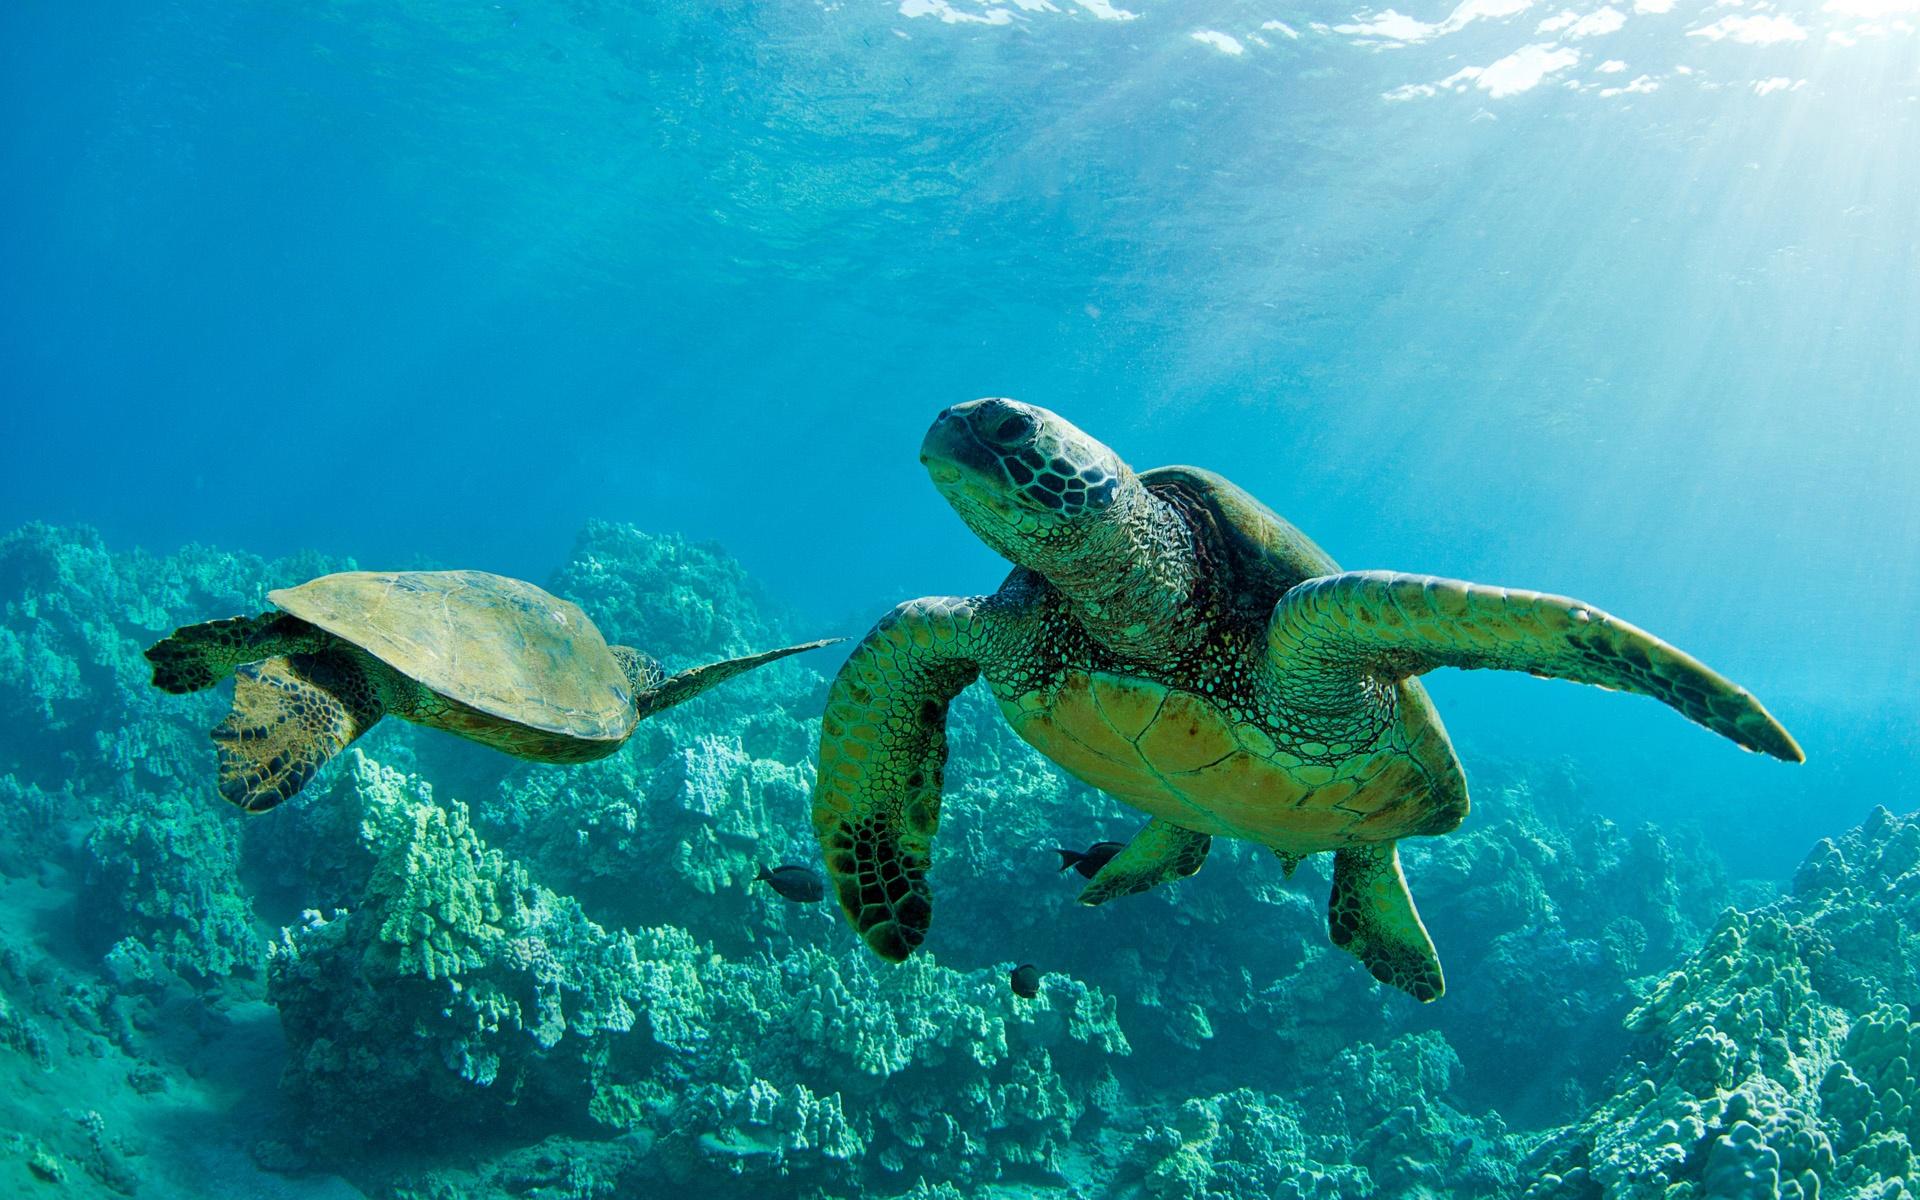 배경 화면 두 개의 녹색 바다 거북, 수중, 산호 암초, 마우이 1920x1200 HD 그림, 이미지   1920 x 1200 jpeg 820kB